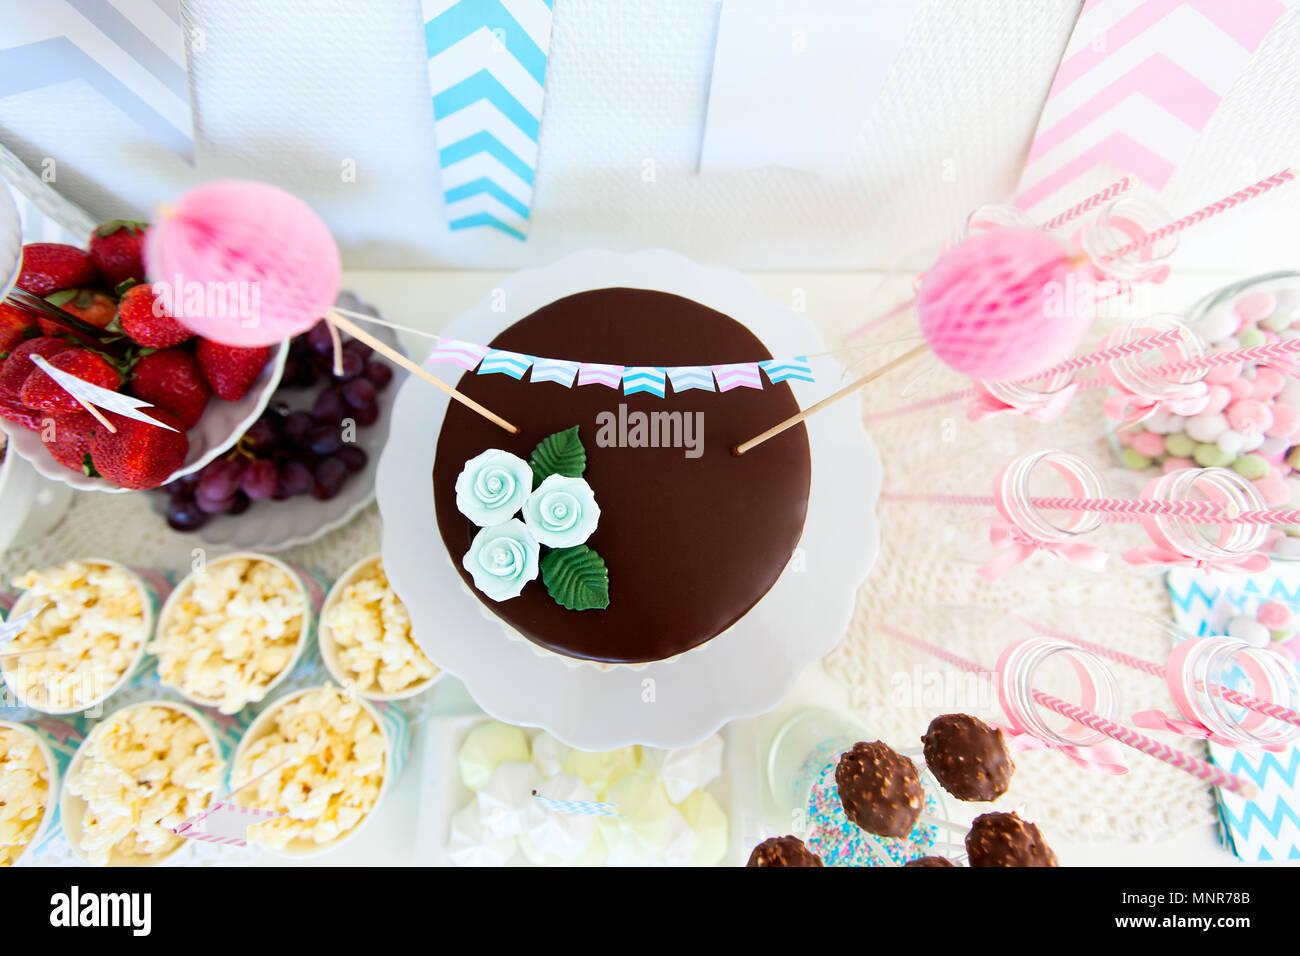 Beeren Popcorn Kanapees Bonbons Und Schokolade Kuchen Auf Ein